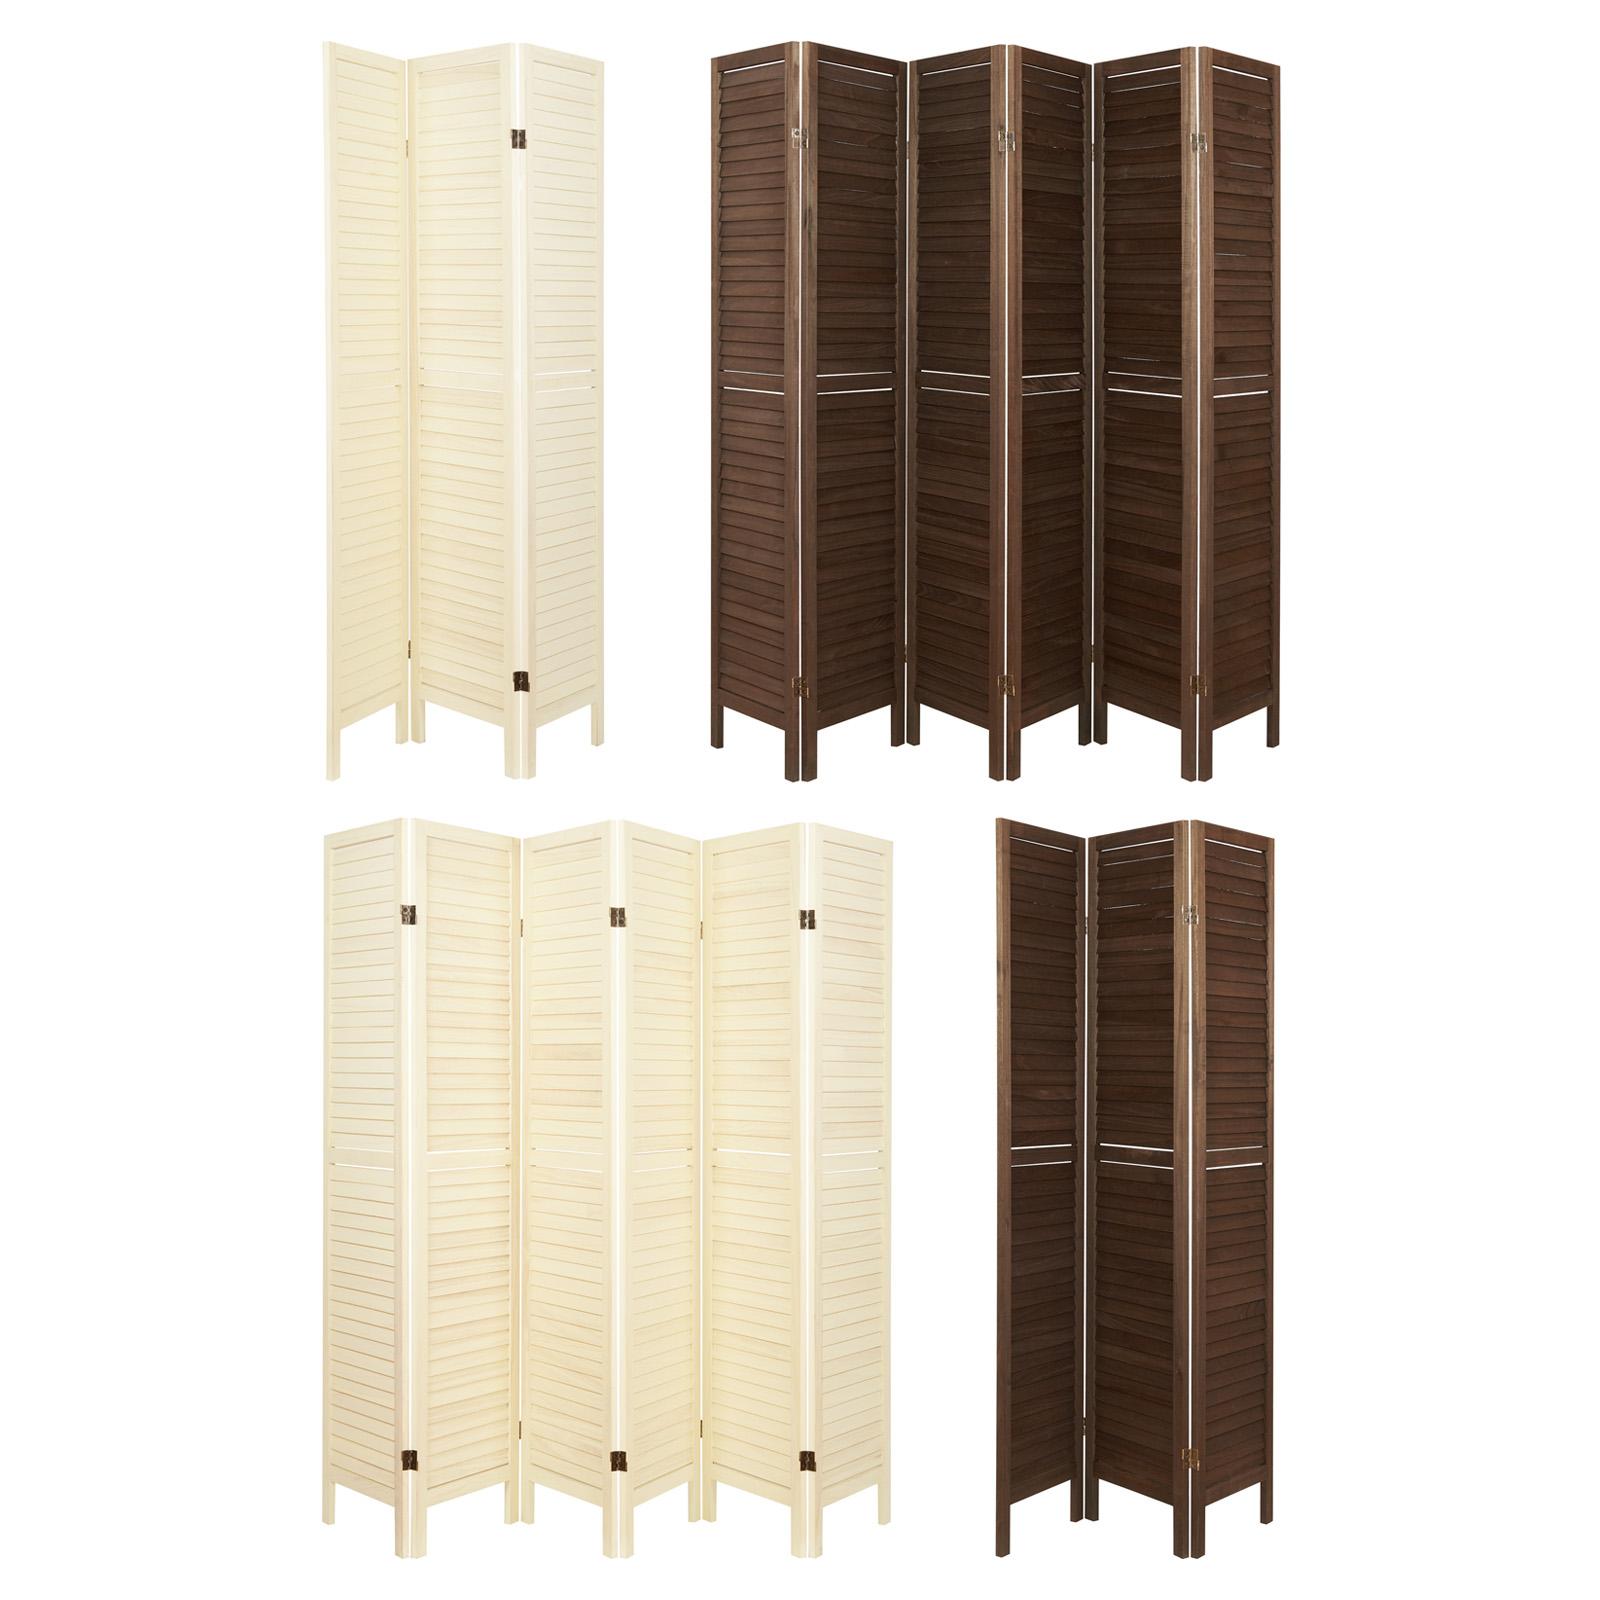 Details Sur Hartleys Paravent Cloison Separateur Diviseur Pieces Salles Pliante Lattes Bois